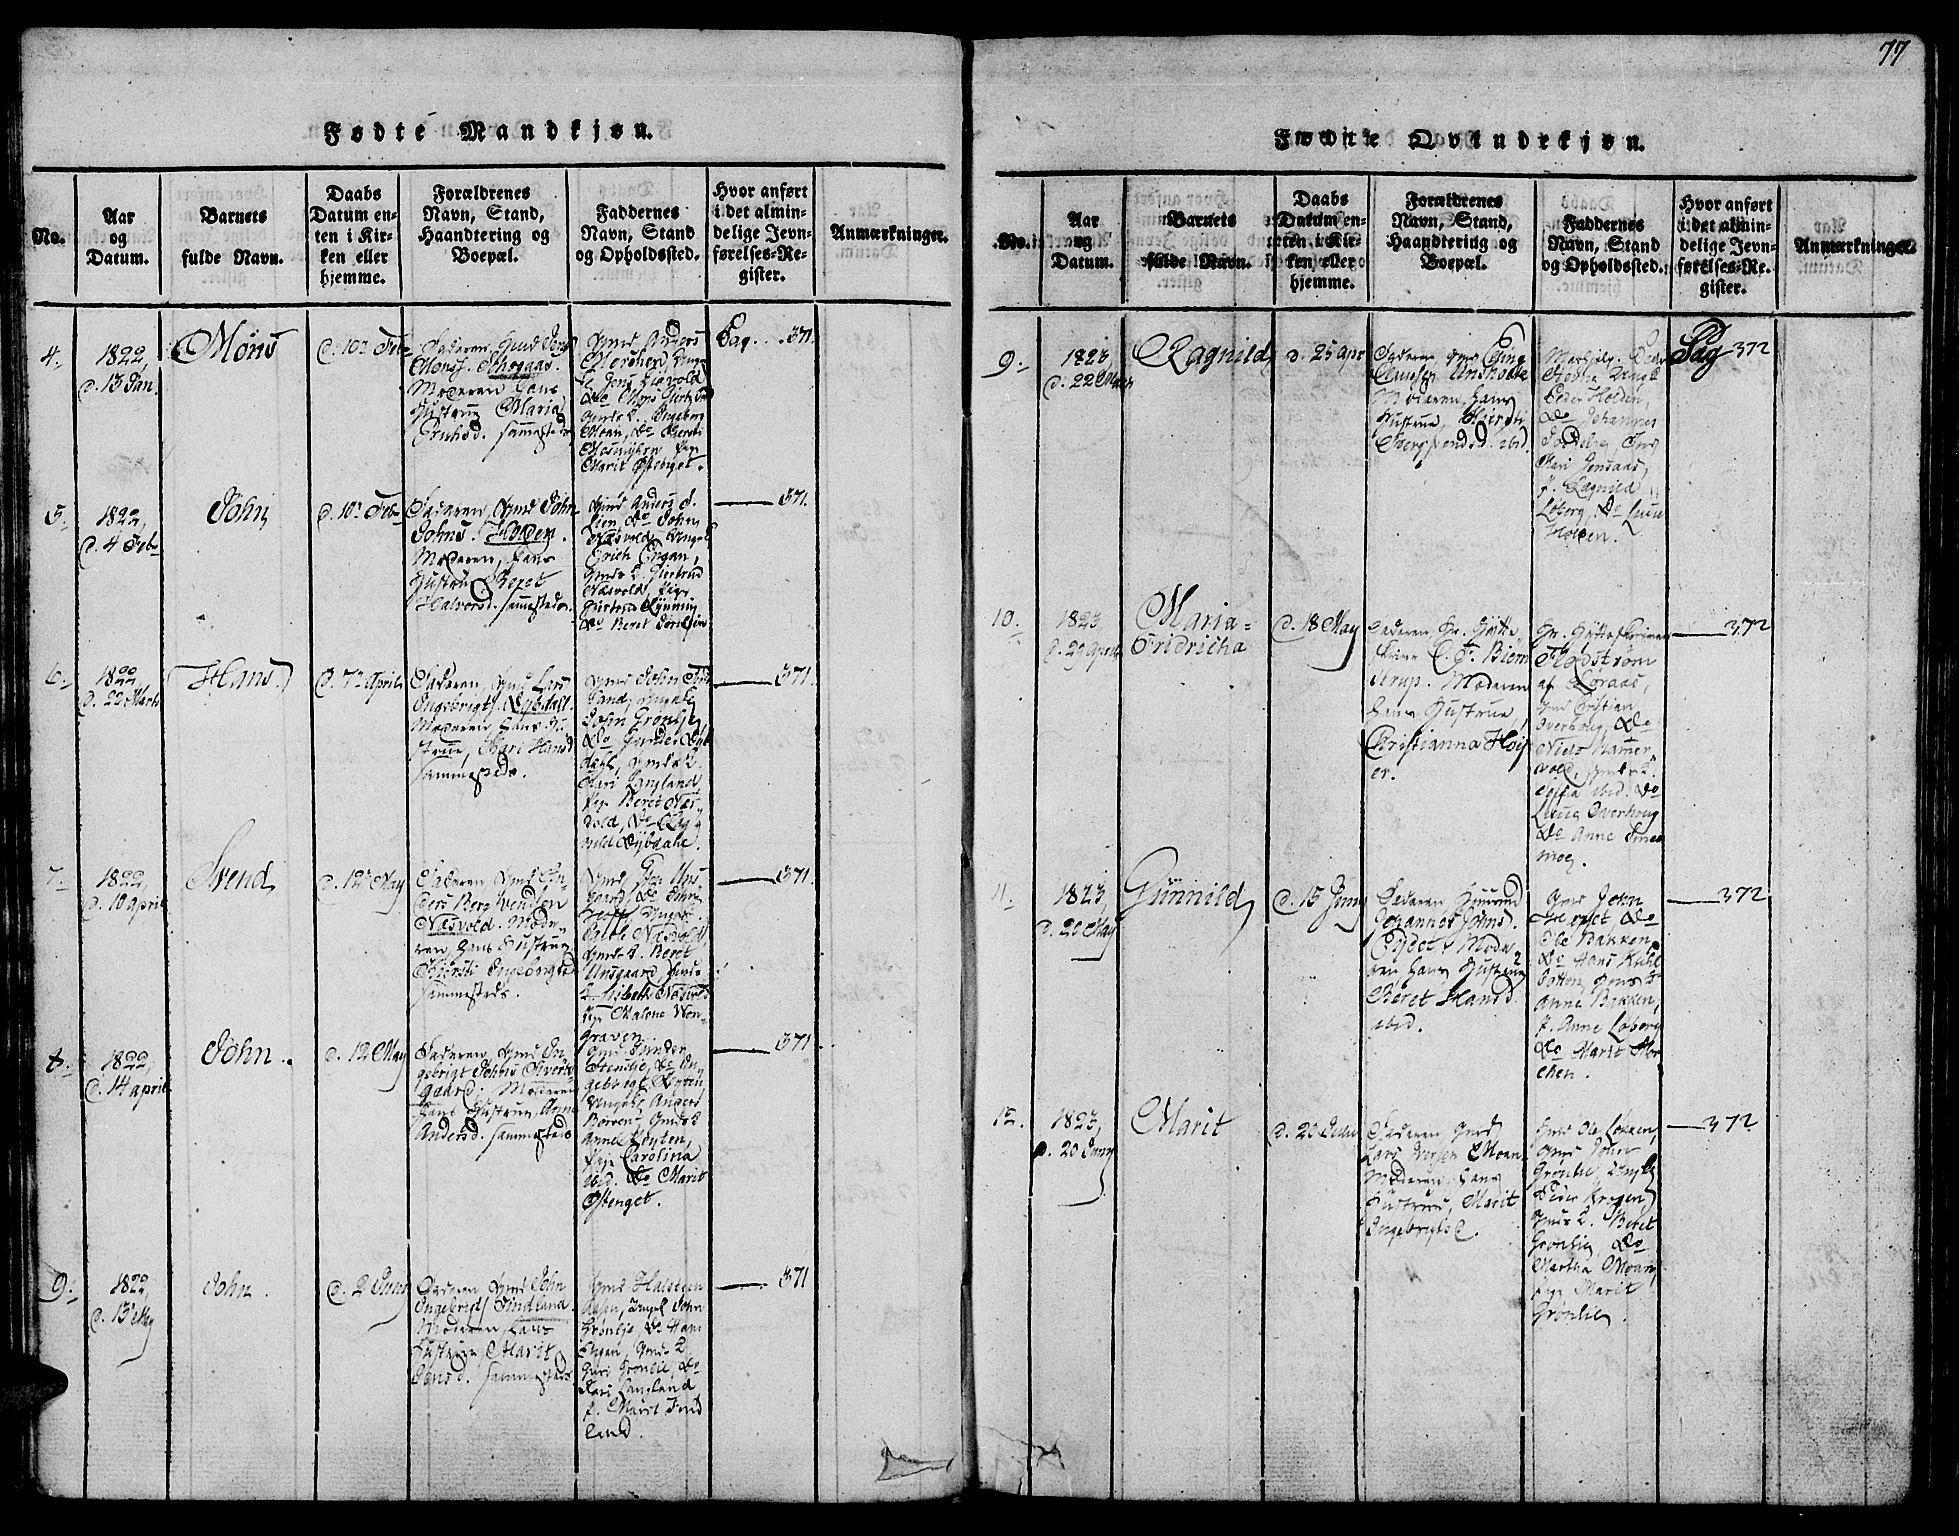 SAT, Ministerialprotokoller, klokkerbøker og fødselsregistre - Sør-Trøndelag, 685/L0956: Ministerialbok nr. 685A03 /3, 1817-1829, s. 77